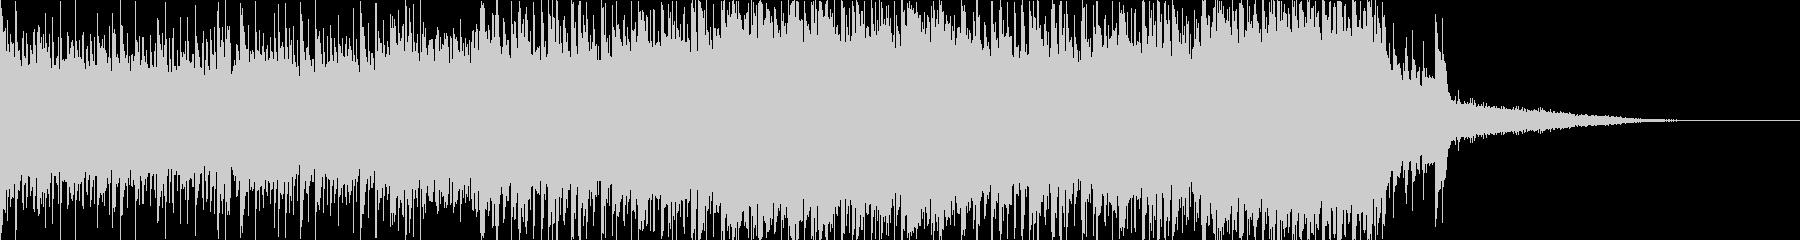 短めで暗めなドラムンベースの未再生の波形